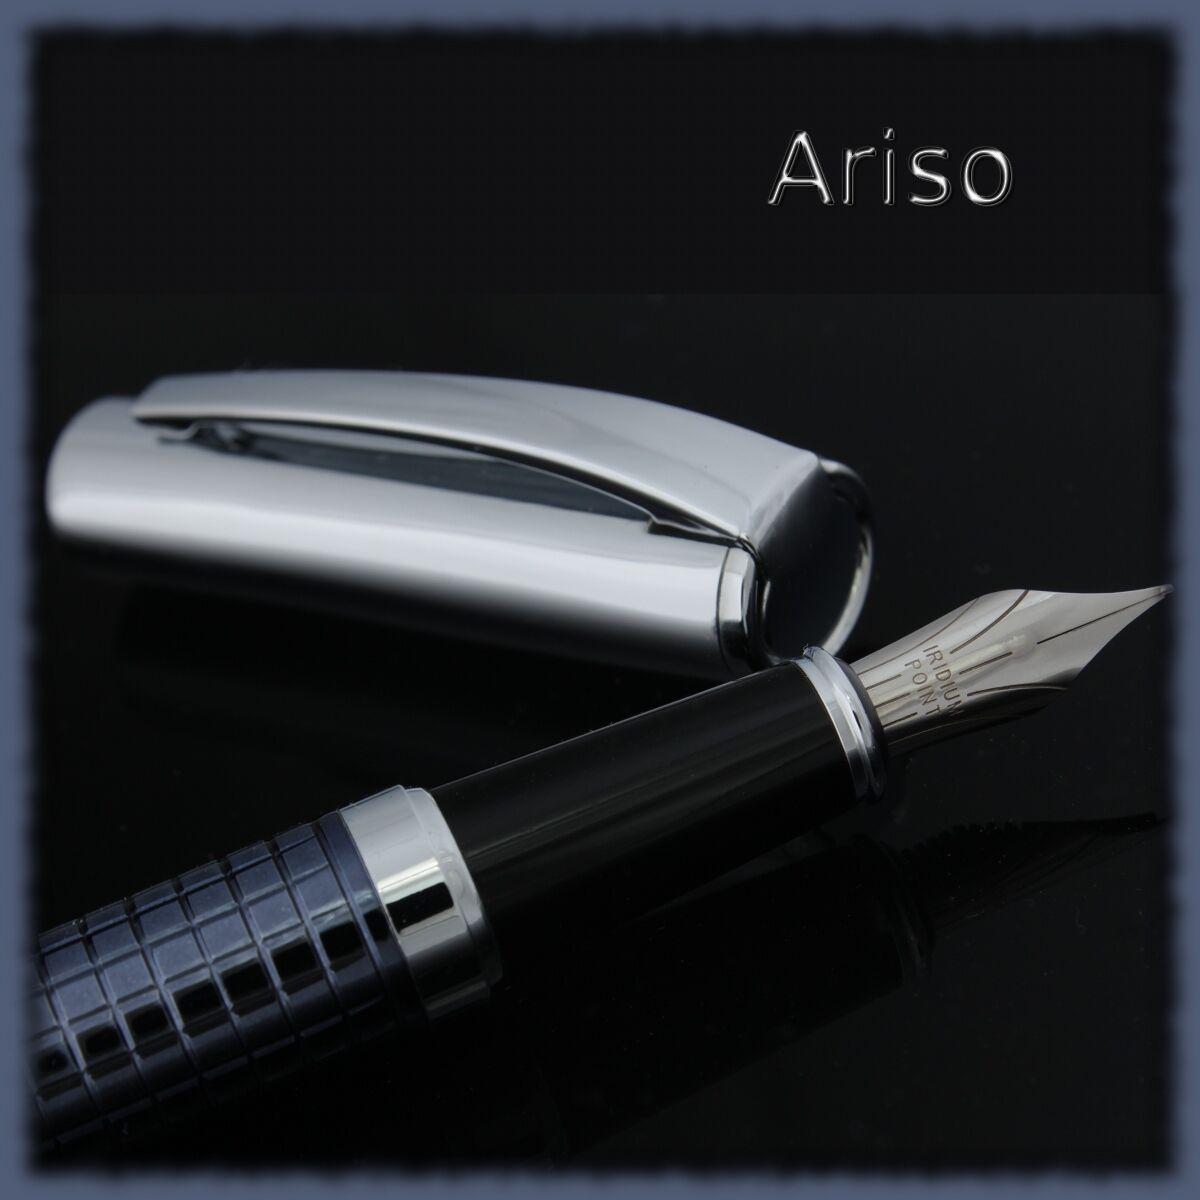 Ariso Ariso Ariso 289 Titan Füller F111 | Online einkaufen  f7bd6c